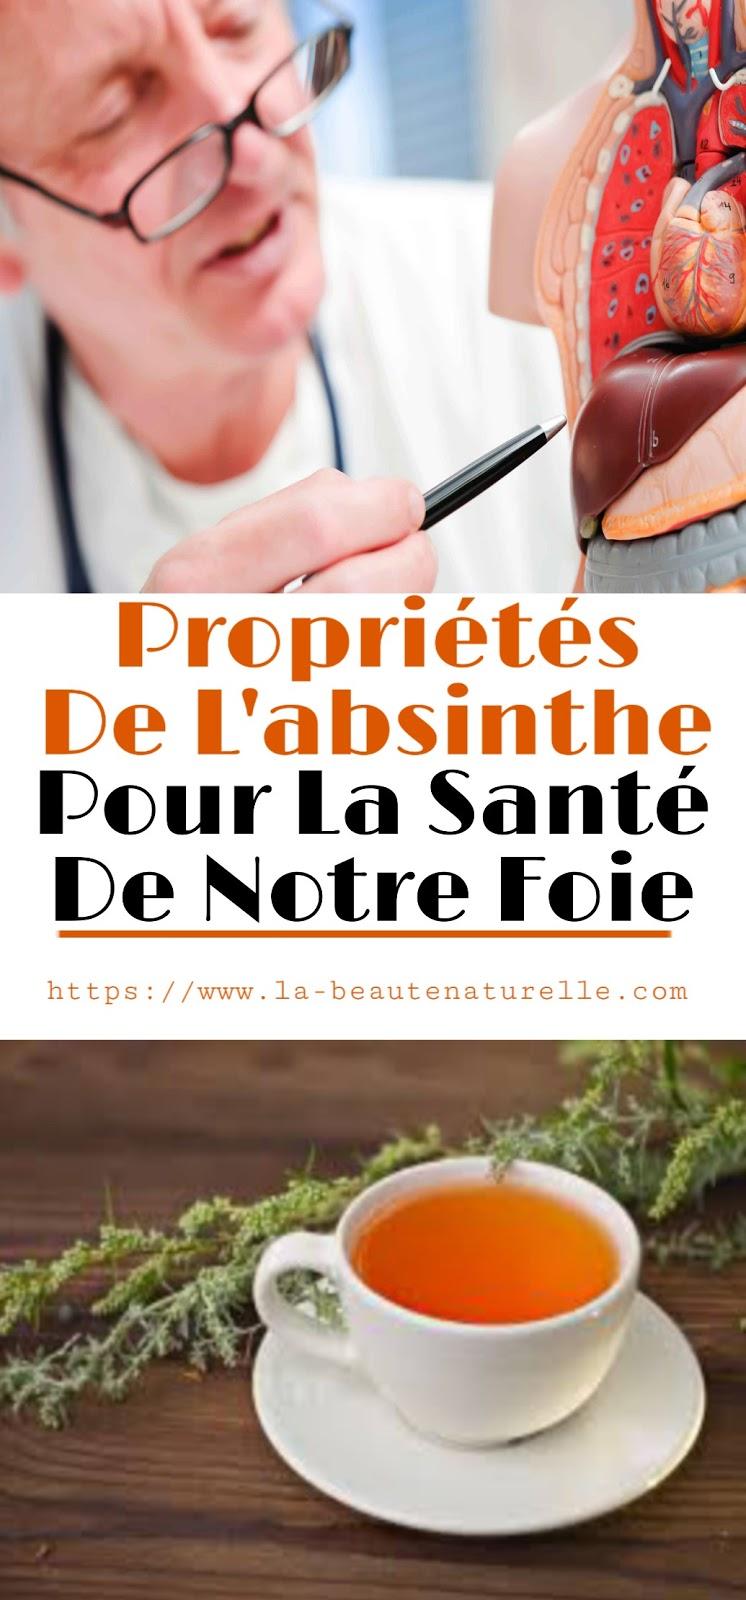 Propriétés De L'absinthe Pour La Santé De Notre Foie